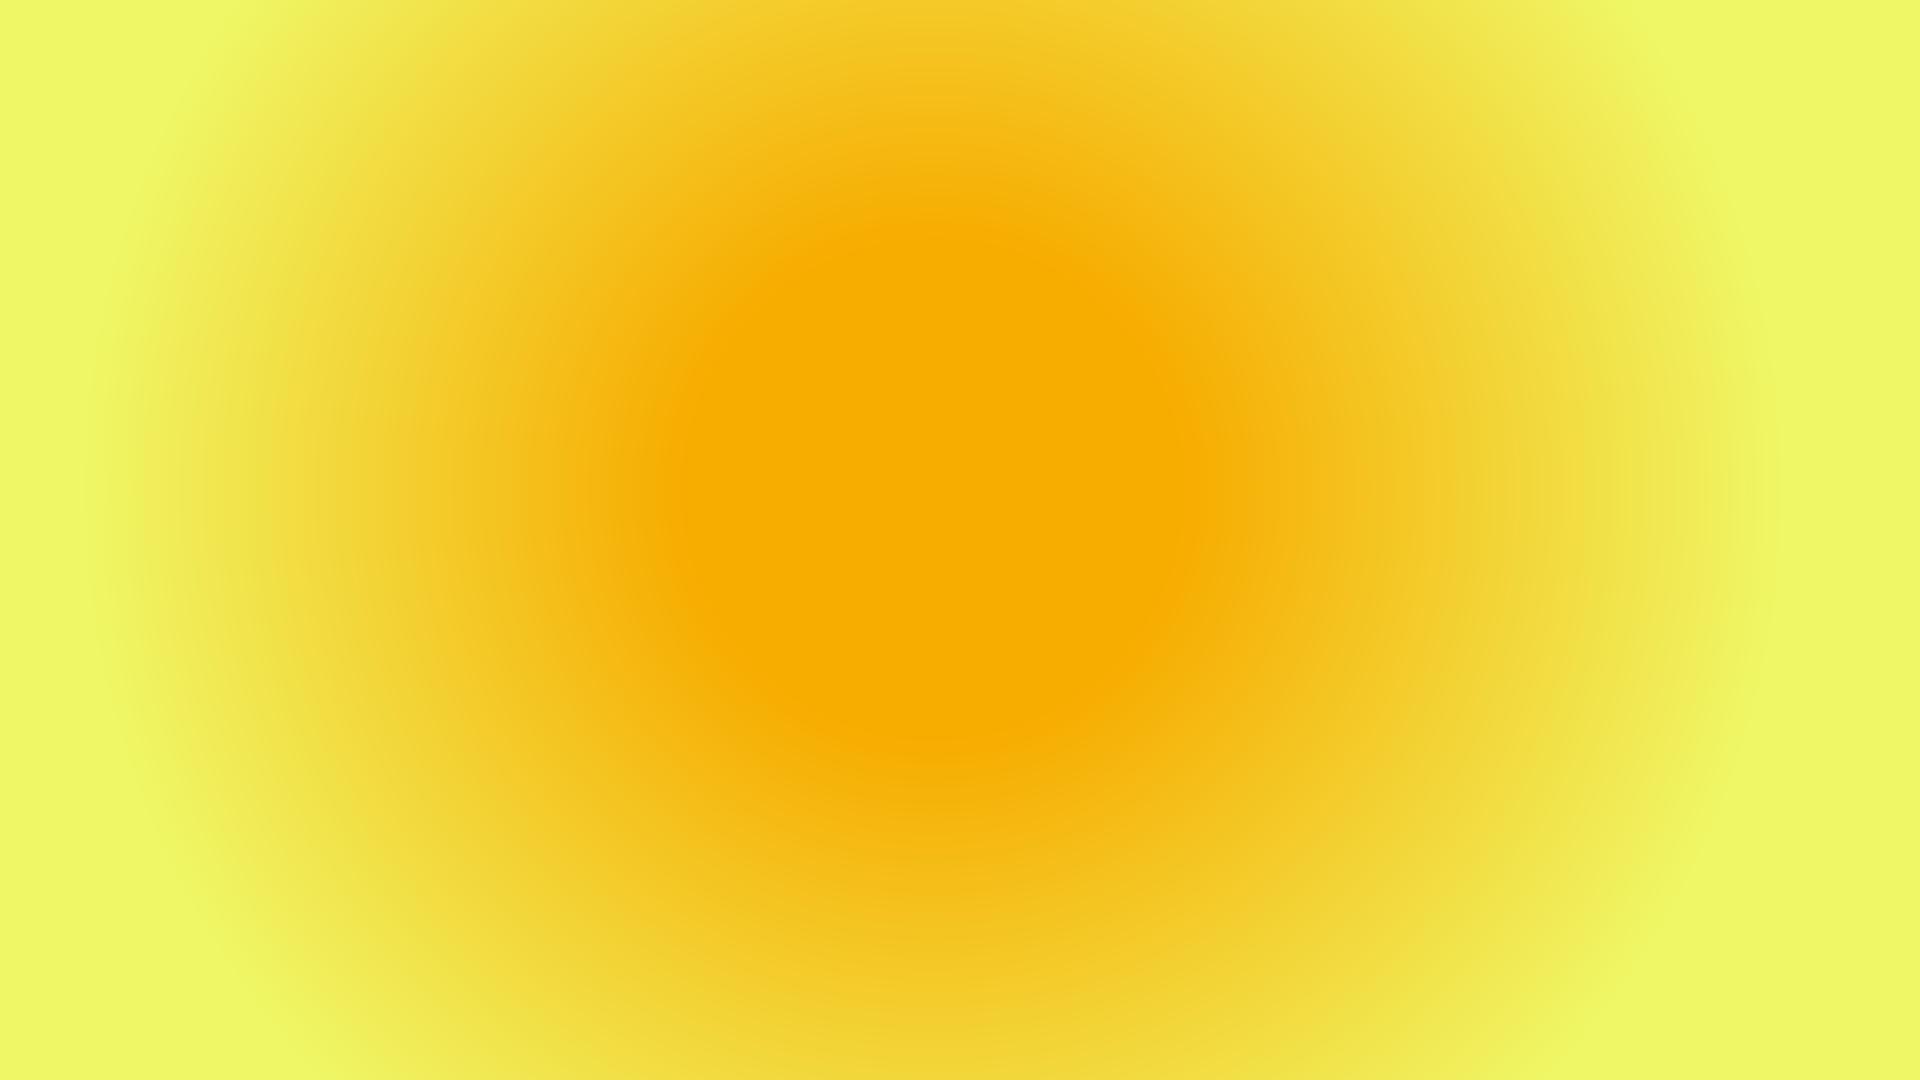 Orange Burst Gradient